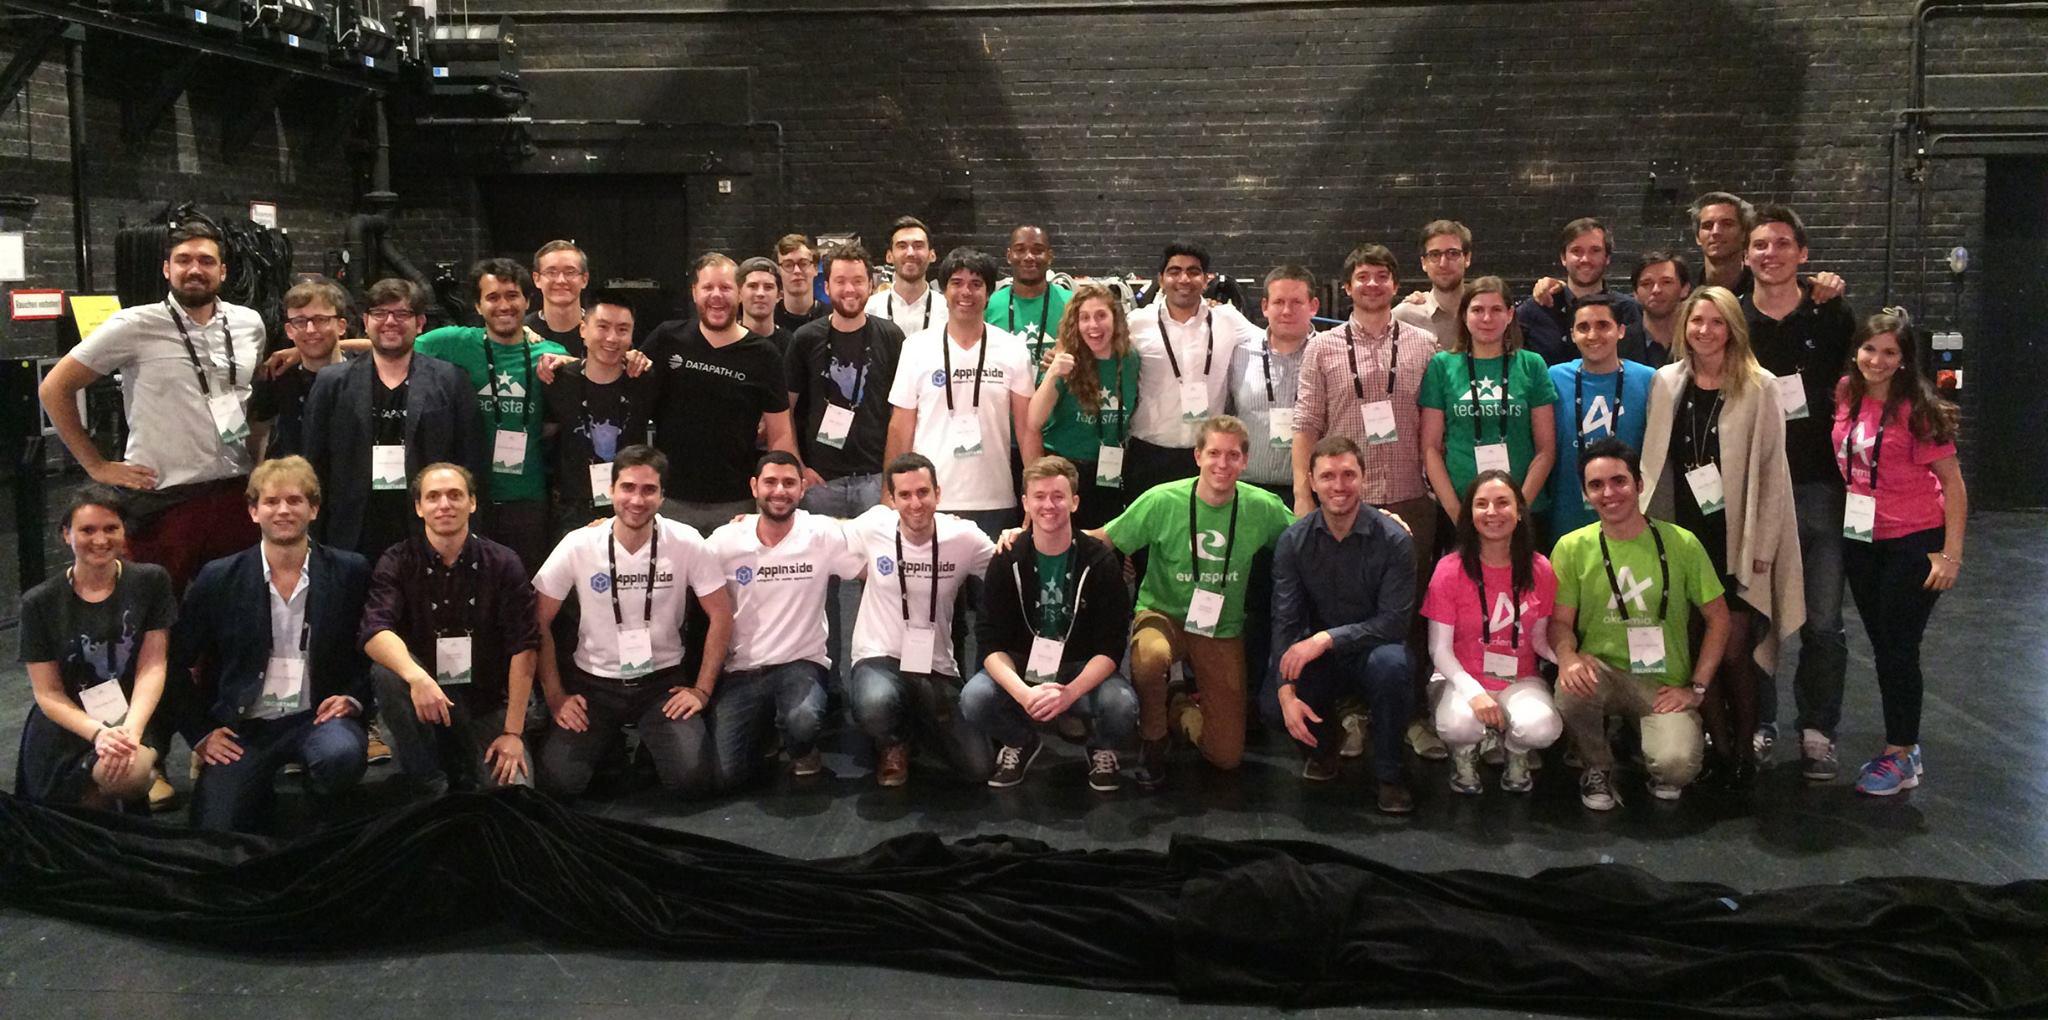 Techstars Berlin 2015 class